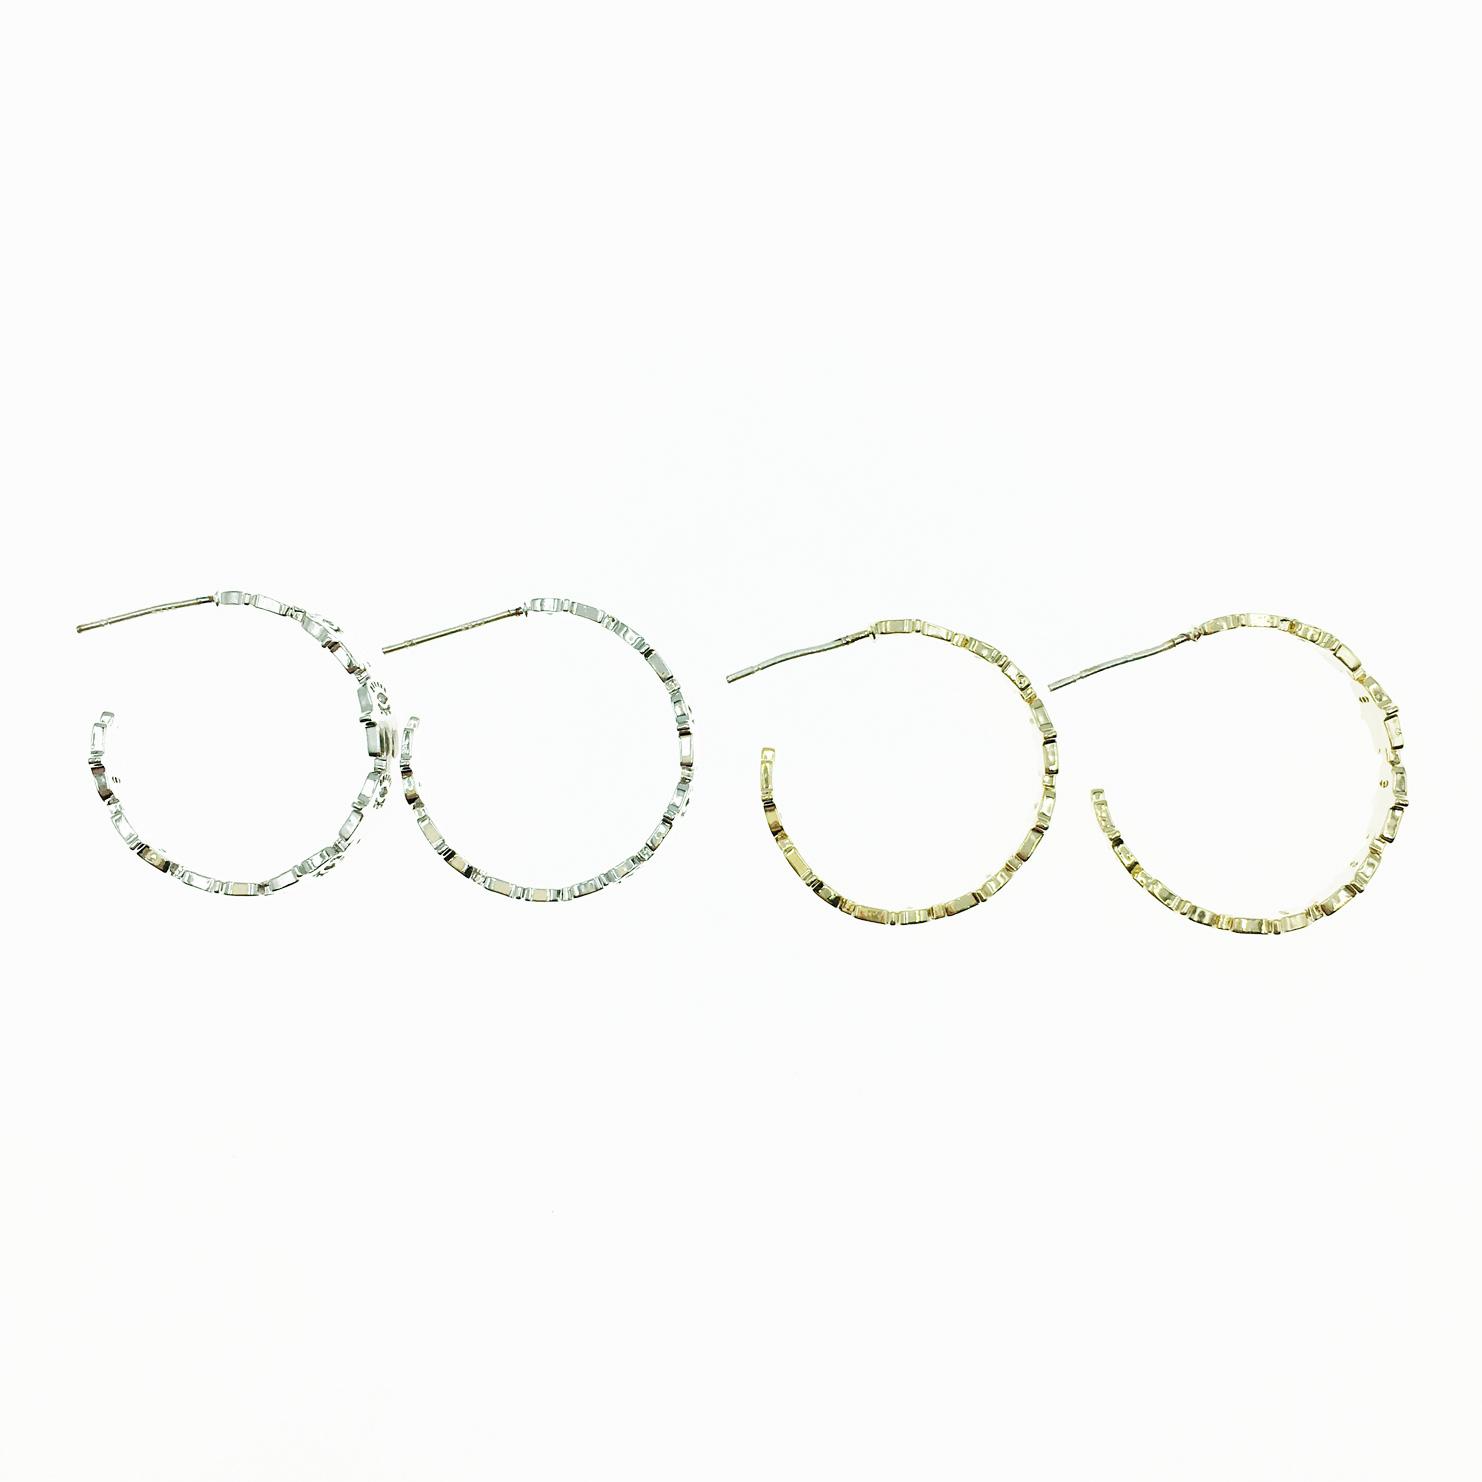 韓國 925純銀 C環圈 手掌造型 2色 耳針式耳環